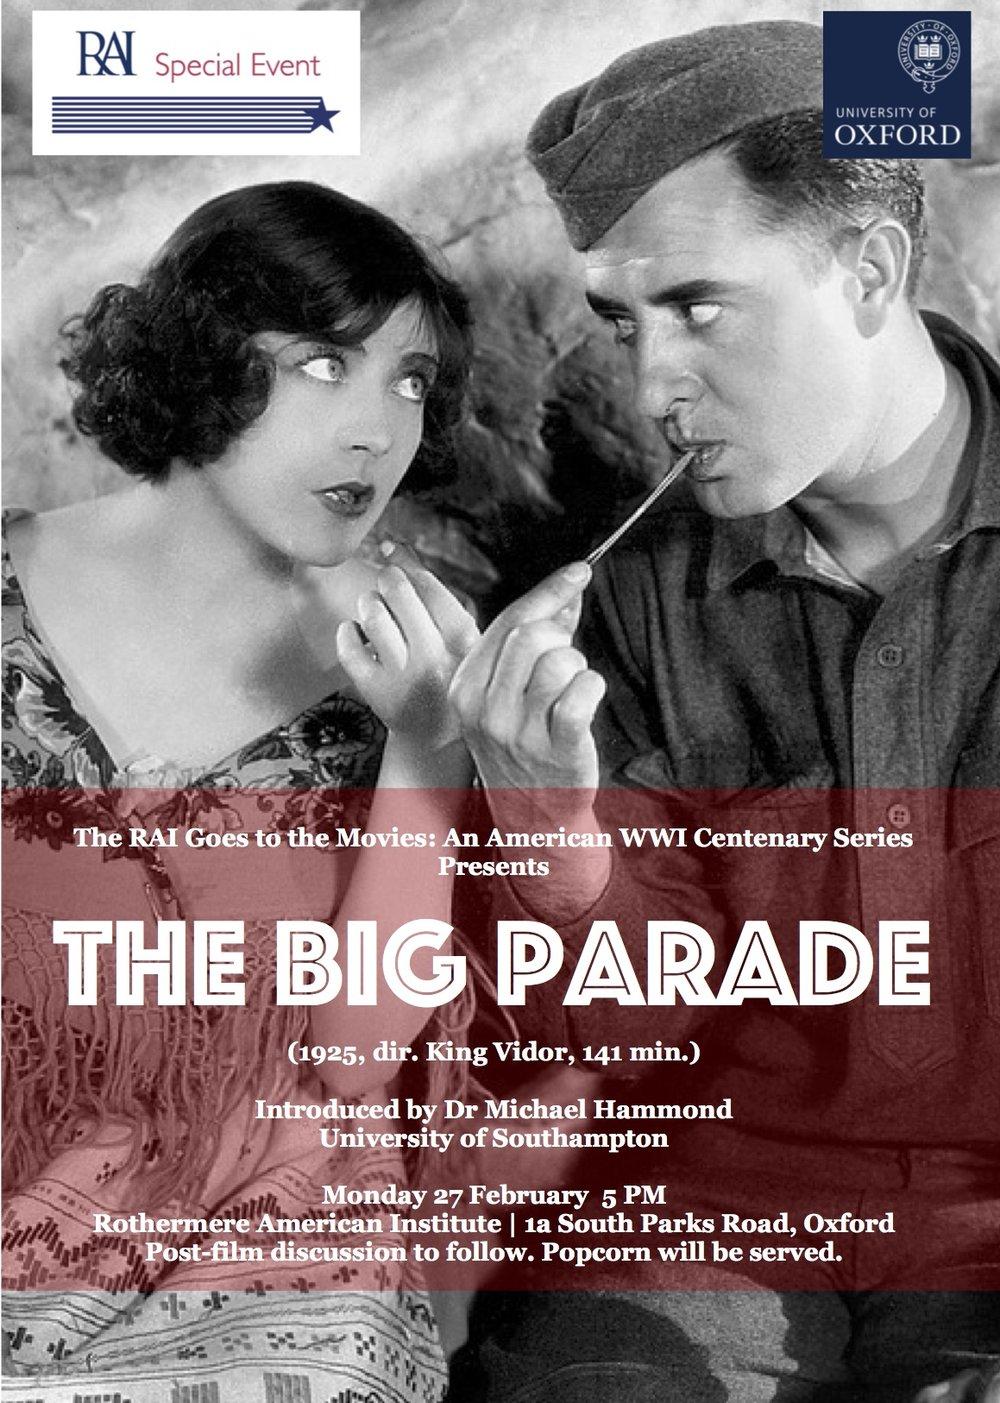 RAI Goes to the Movies - The Big Parade.jpg